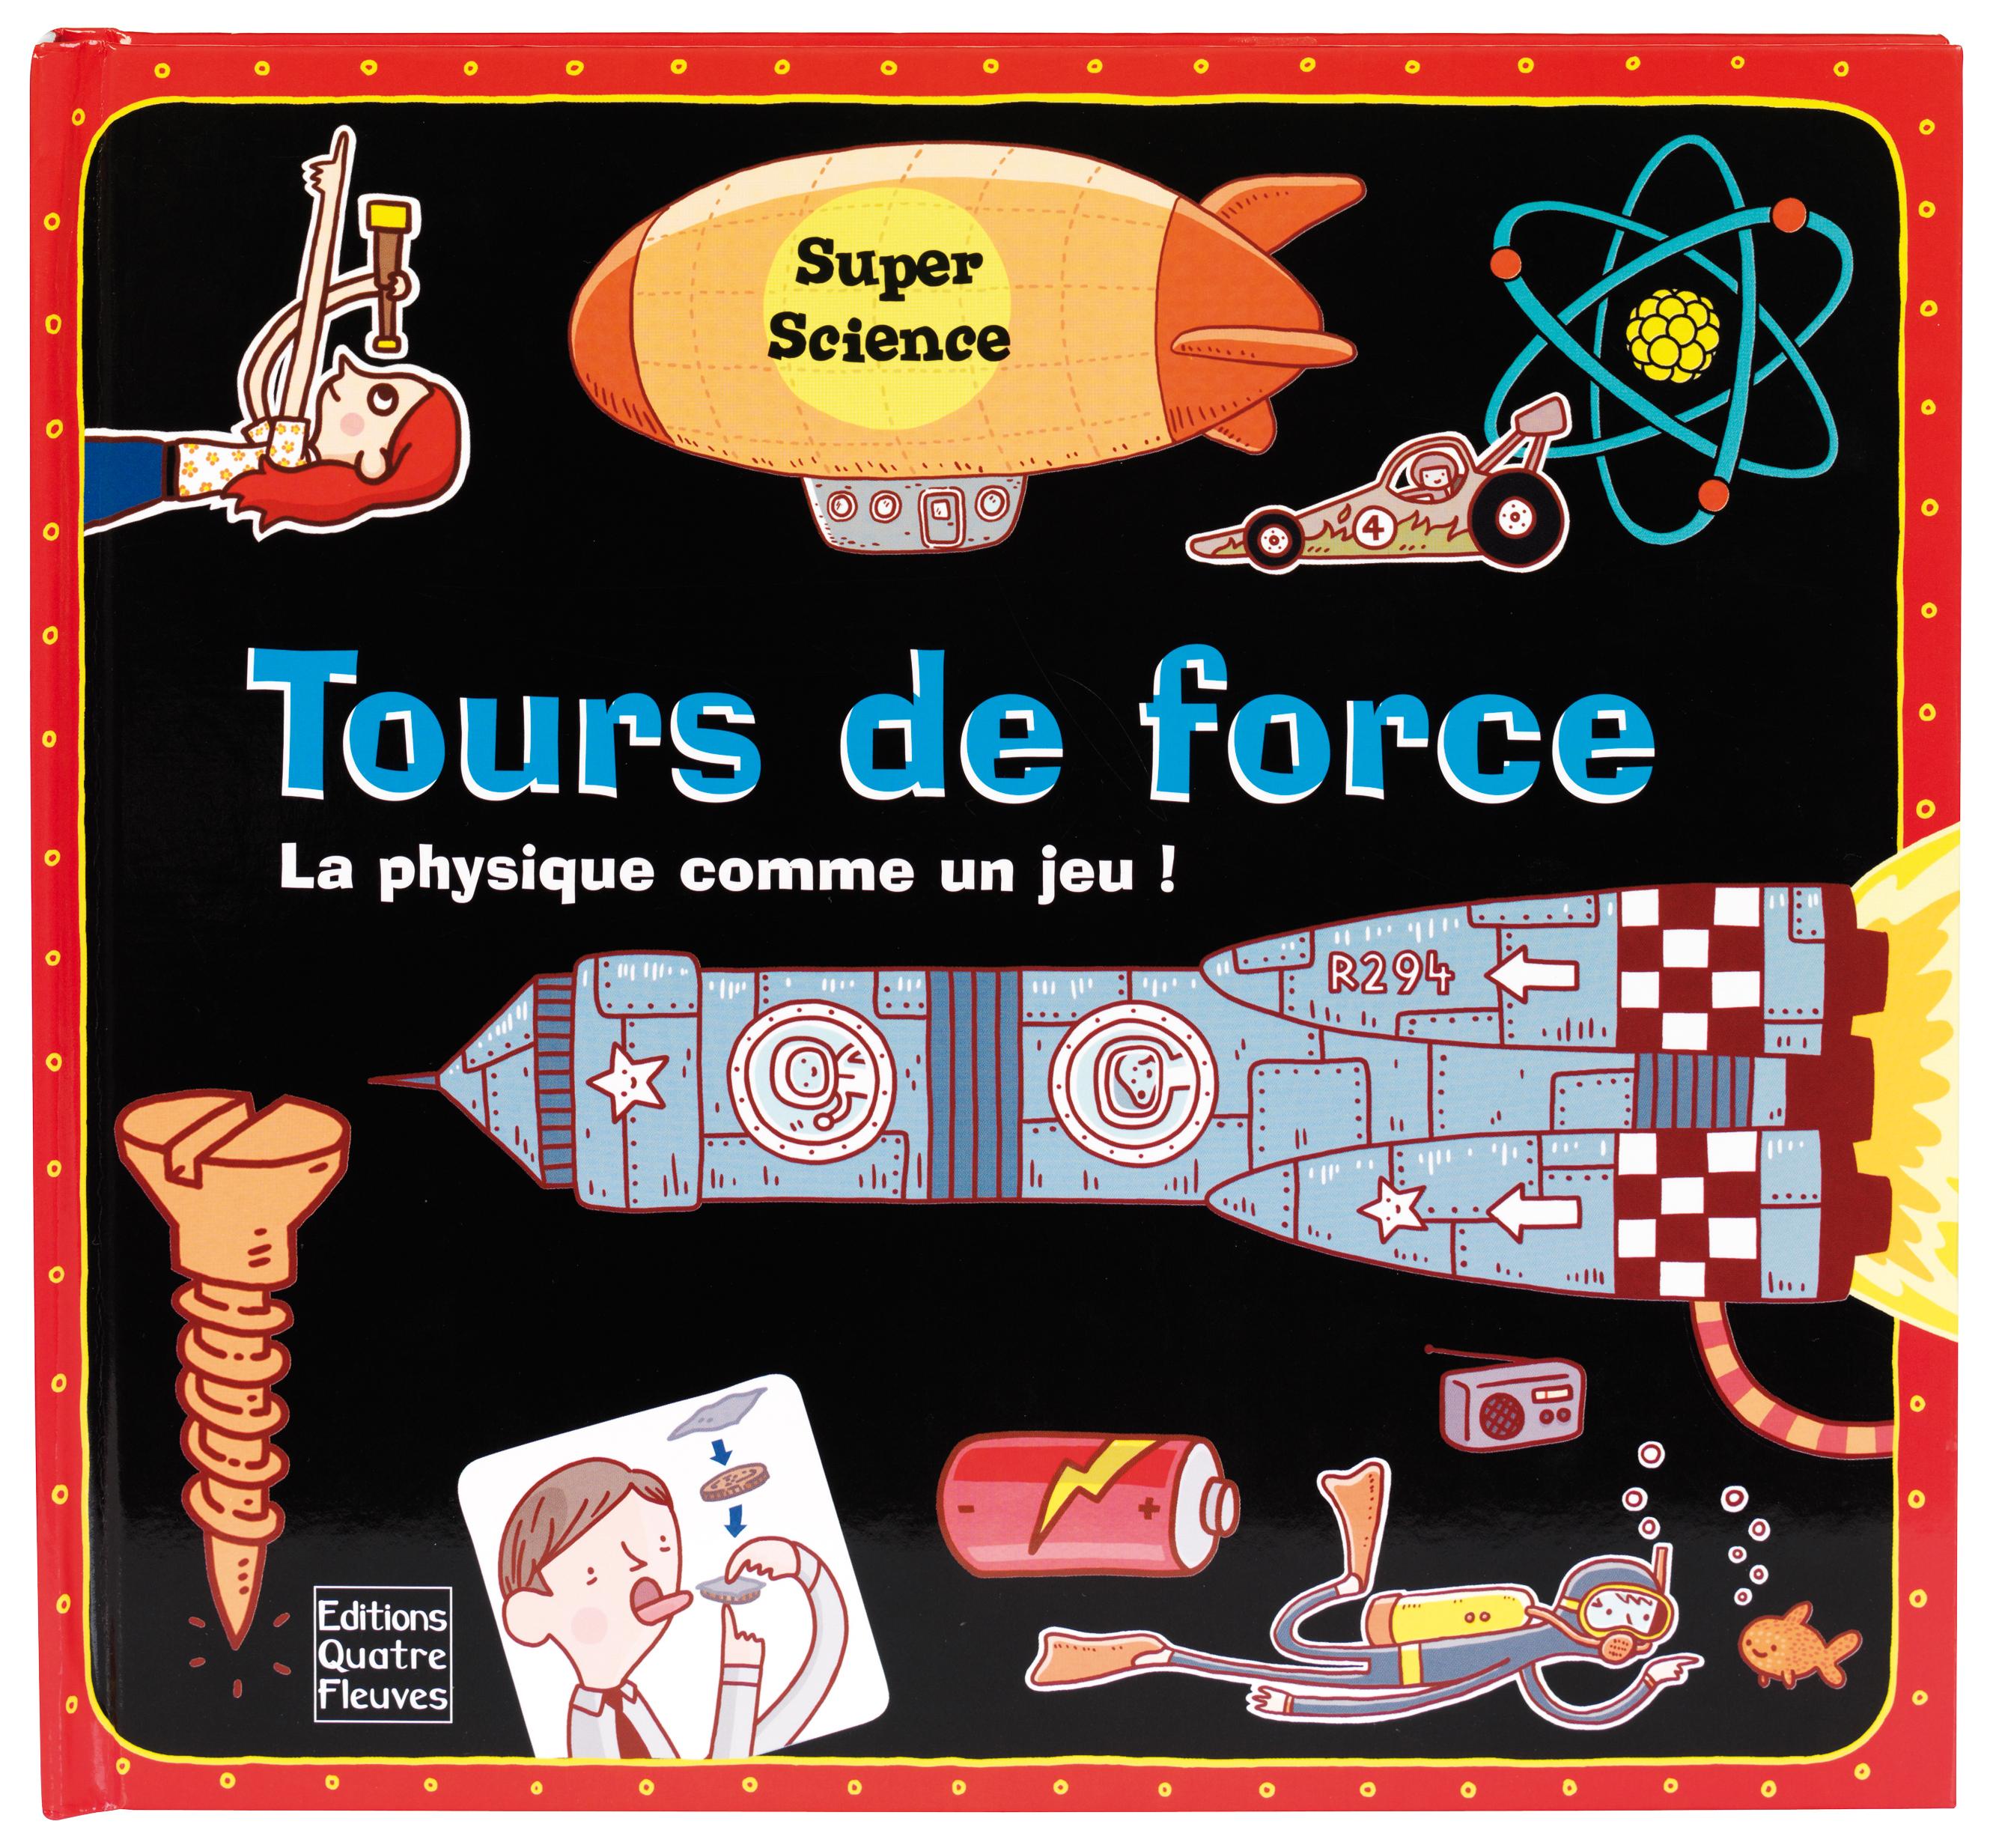 TOURS DE FORCE